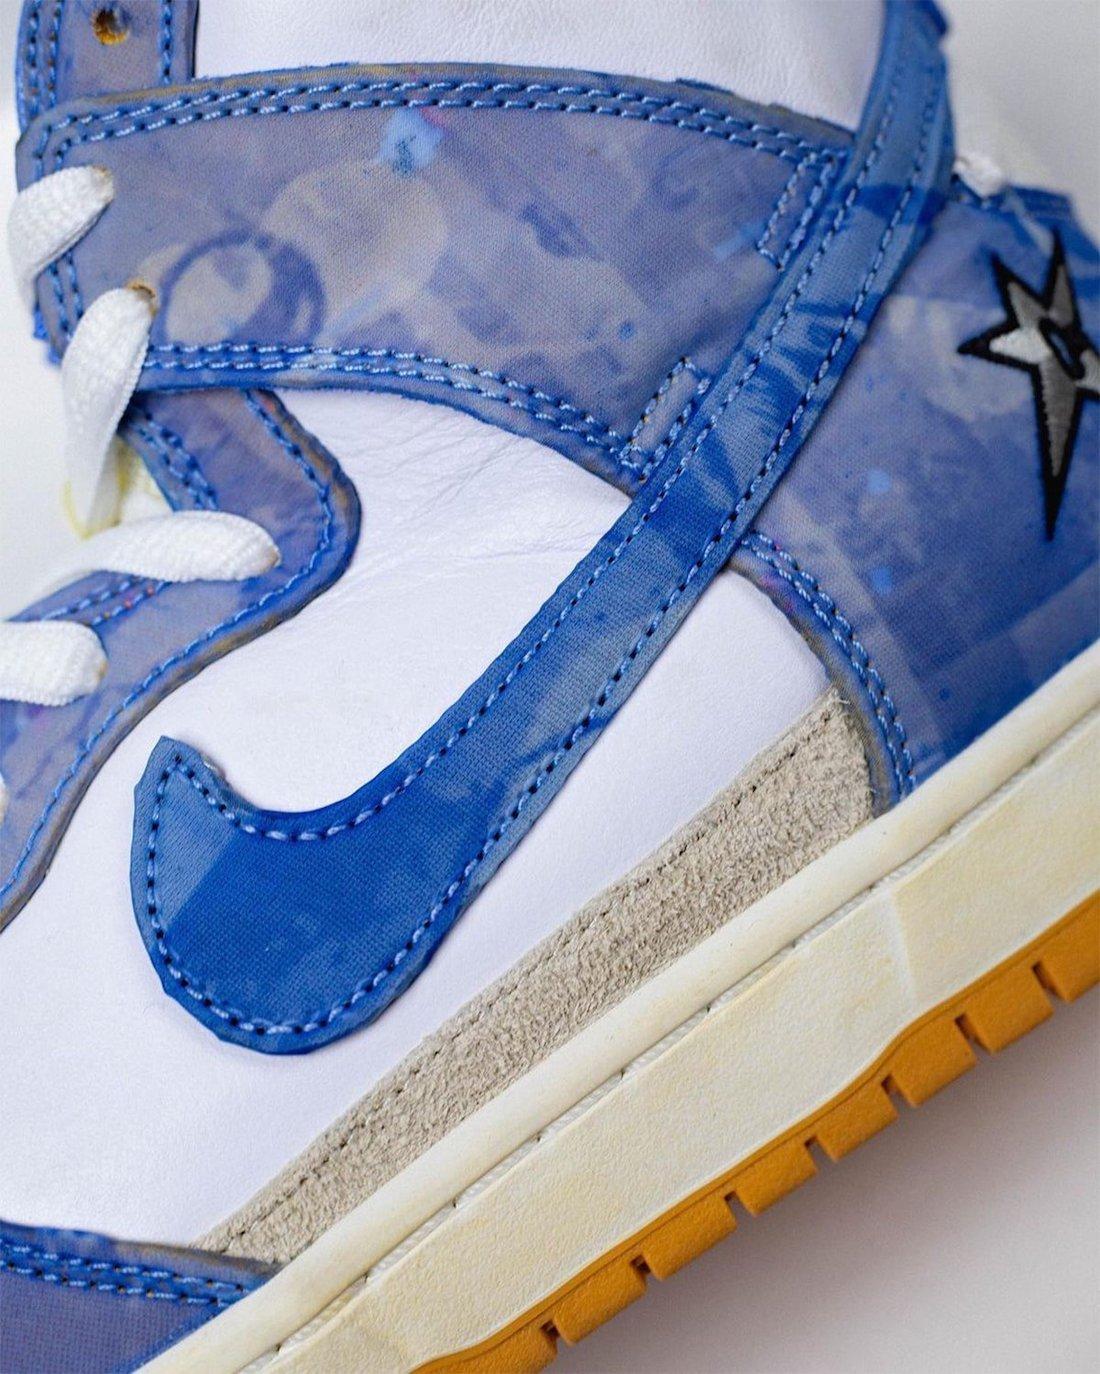 カーペット カンパニー × ナイキ SB ダンク ハイ Carpet-Company-x-Nike-SB-Dunk-High-CV1677-100-main detail